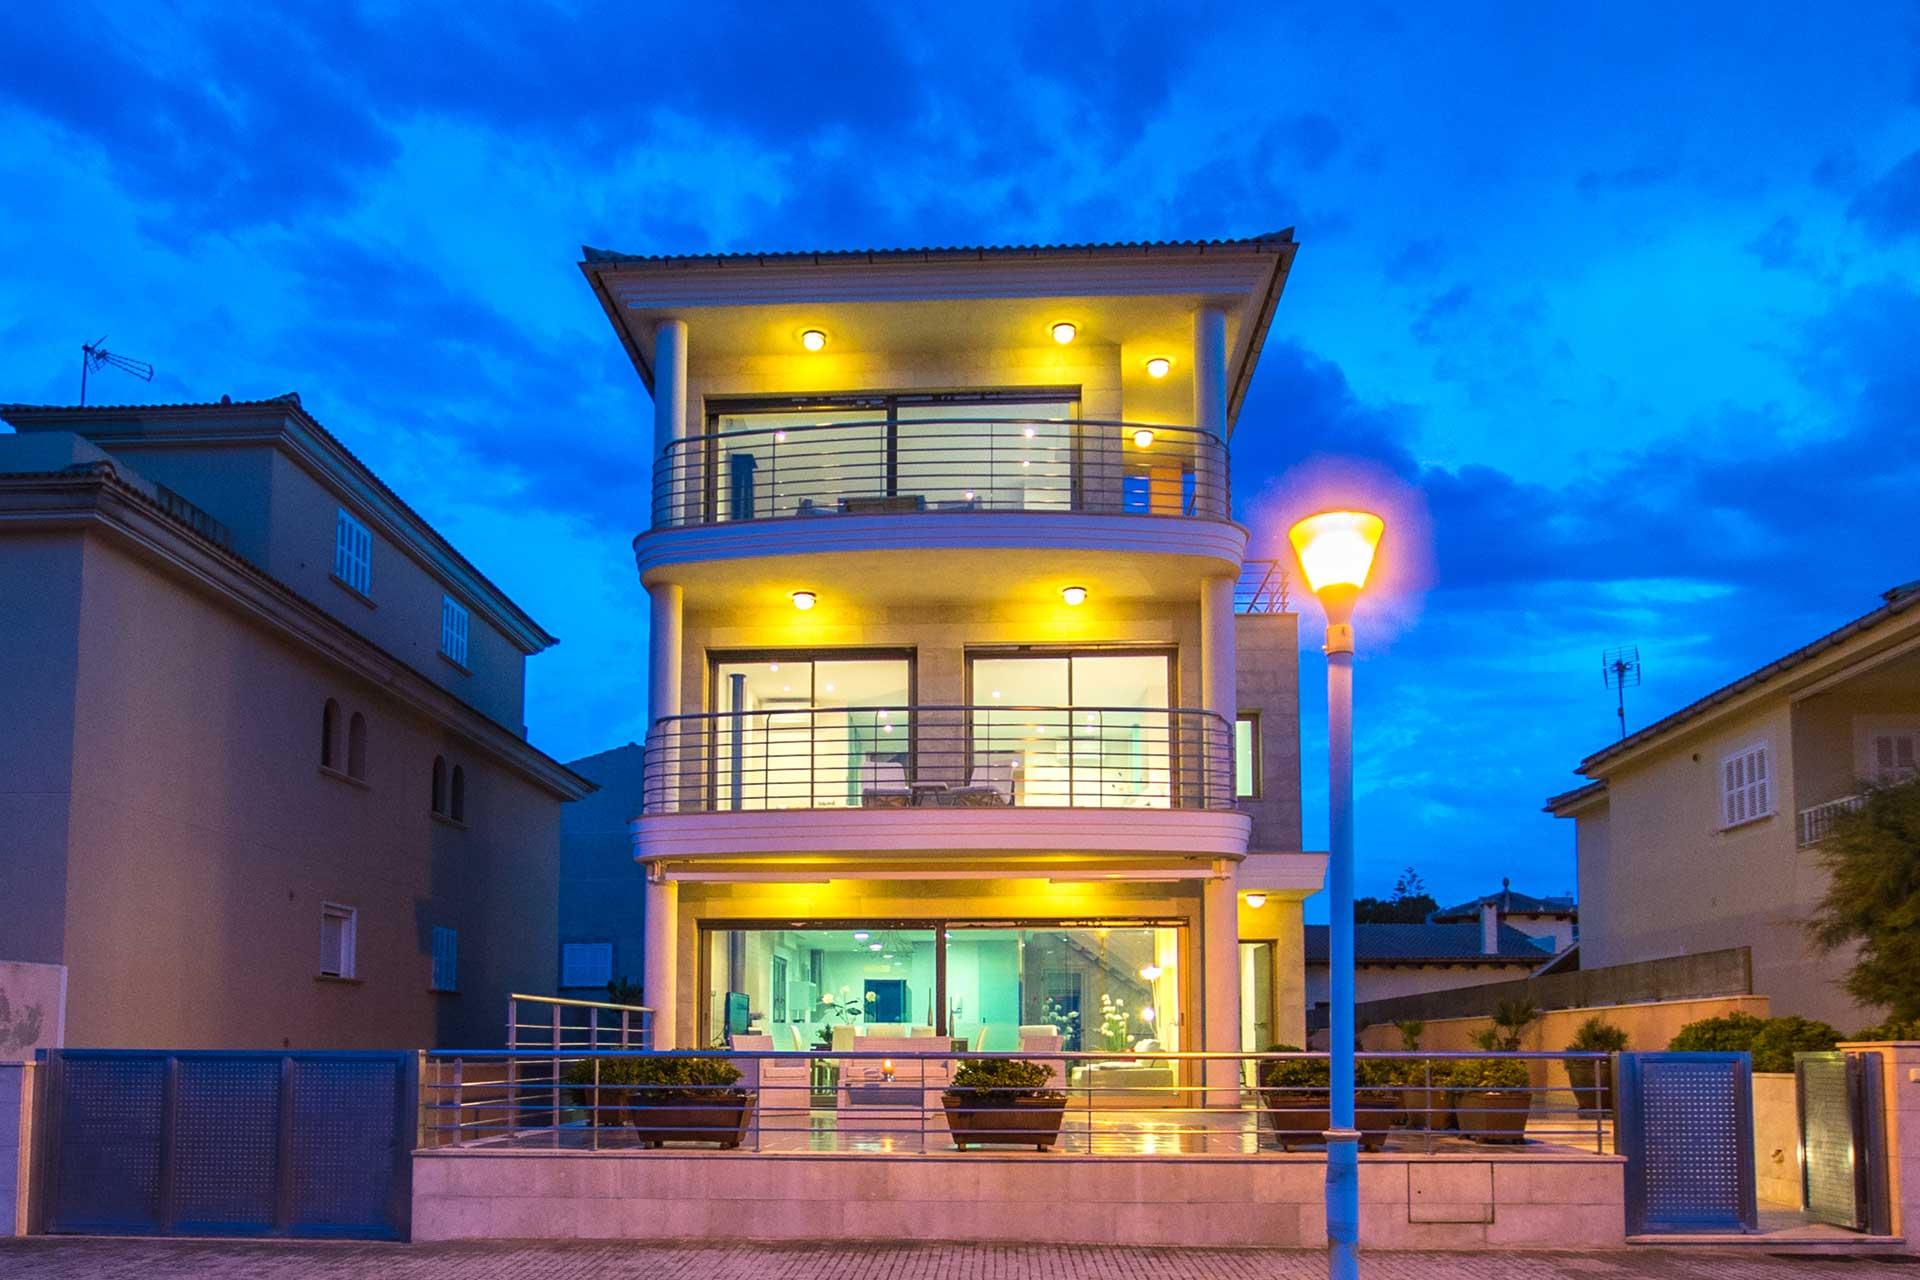 Villa Bohemi P. - House view